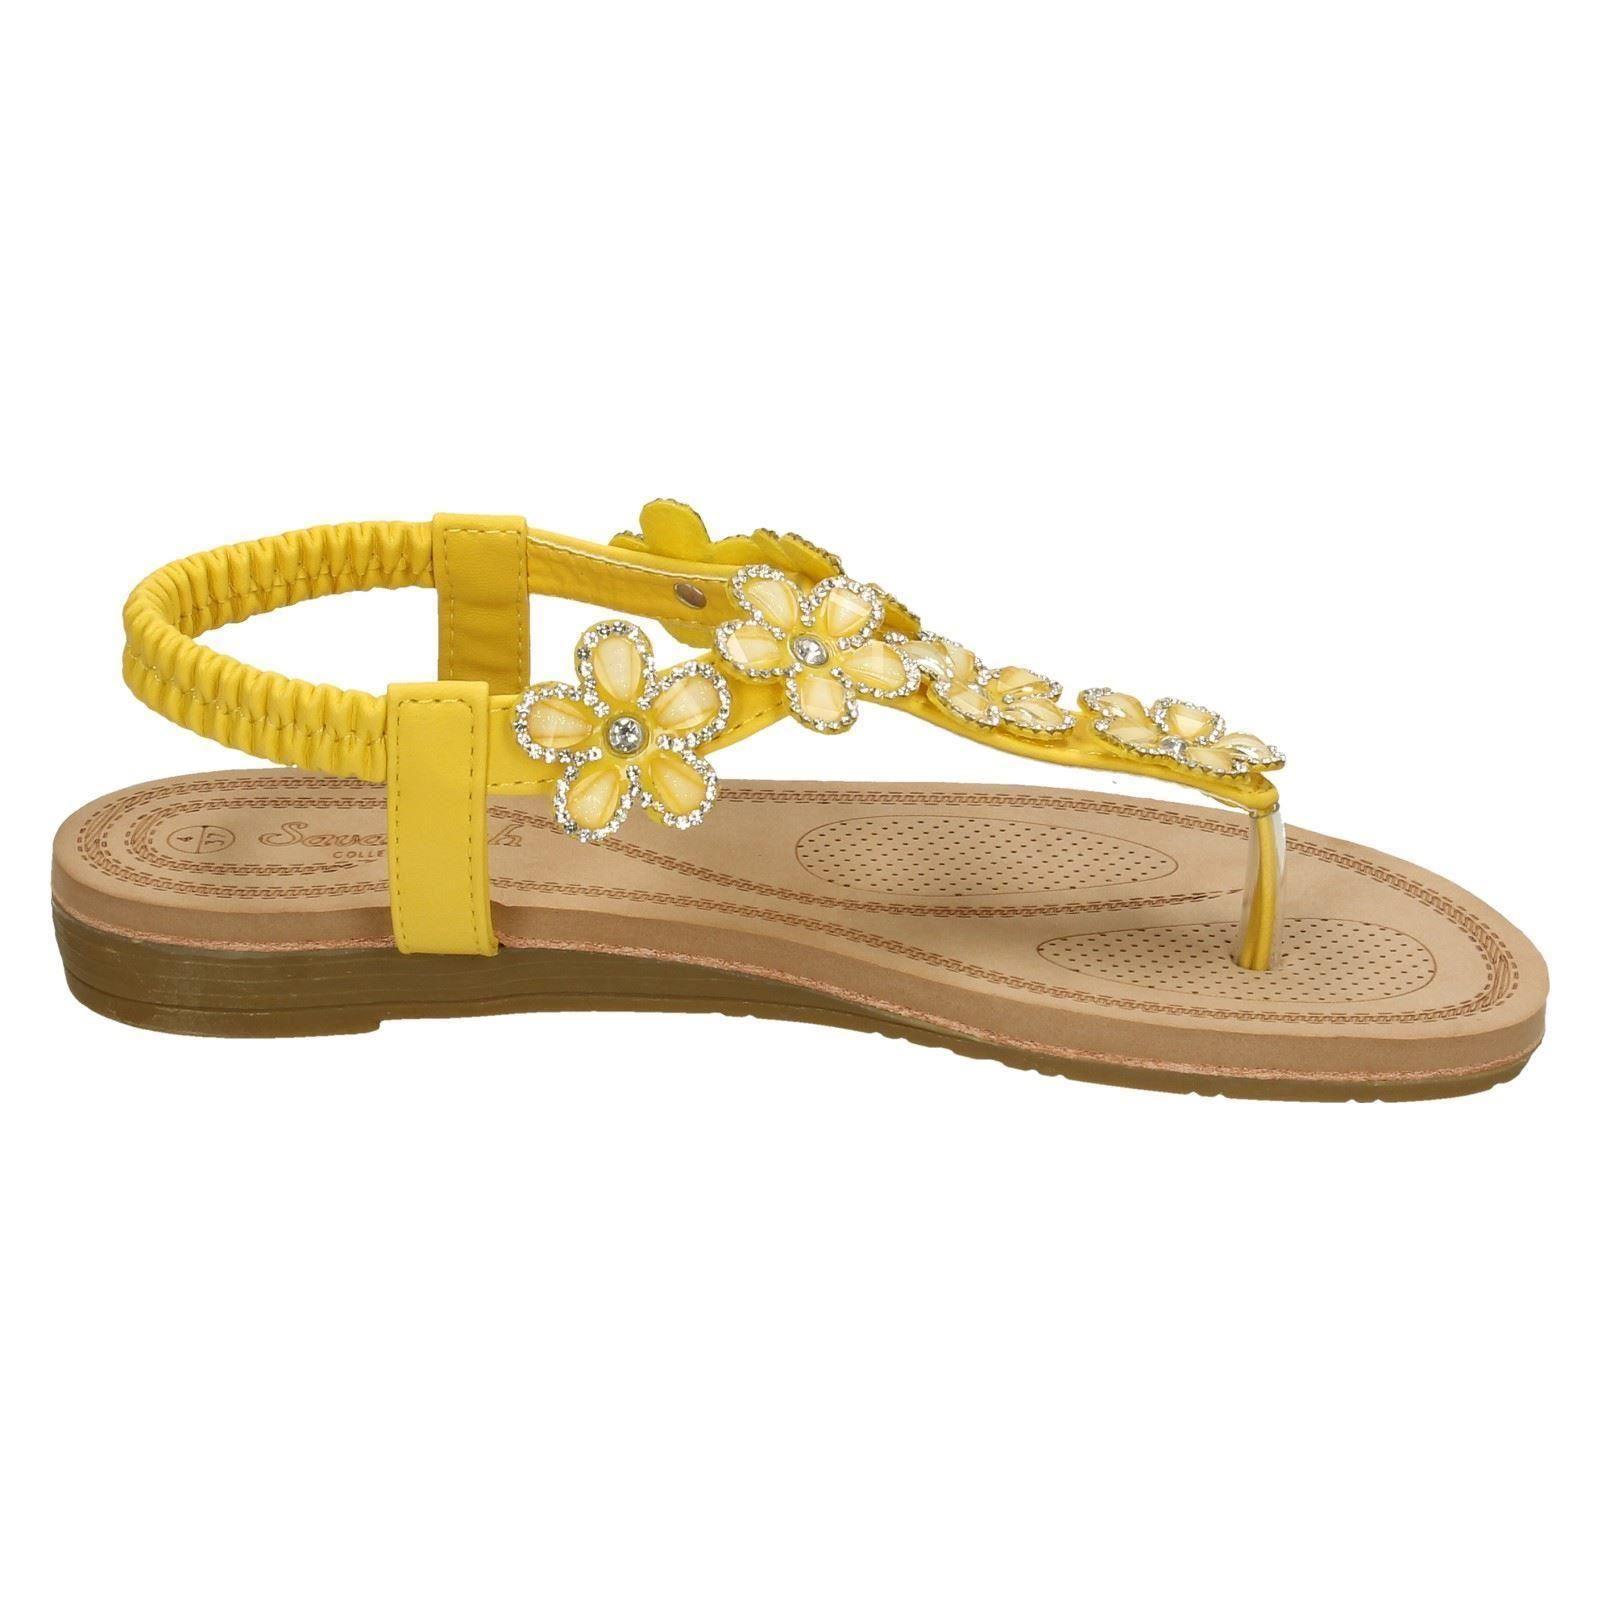 Savannah Ladies Low Wedge Toepost Sandals